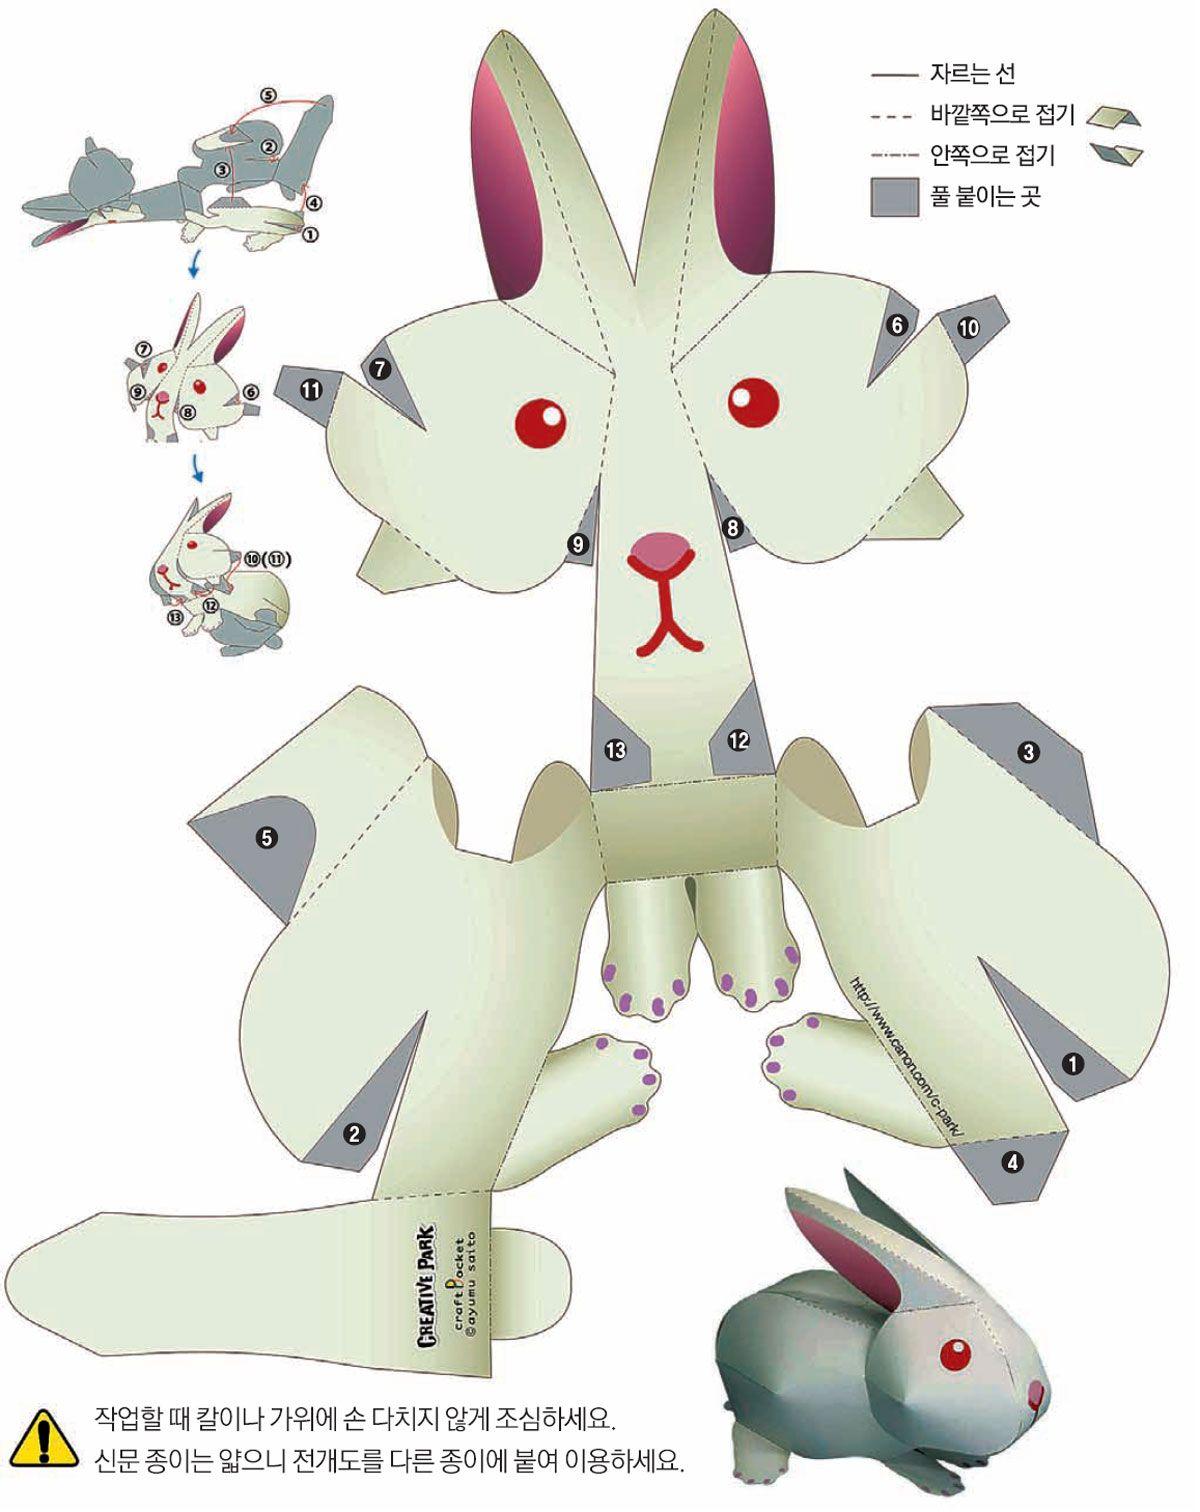 동물 종이 모형 전개도 Google 검색 종이인형, 동물, 어린이 활동